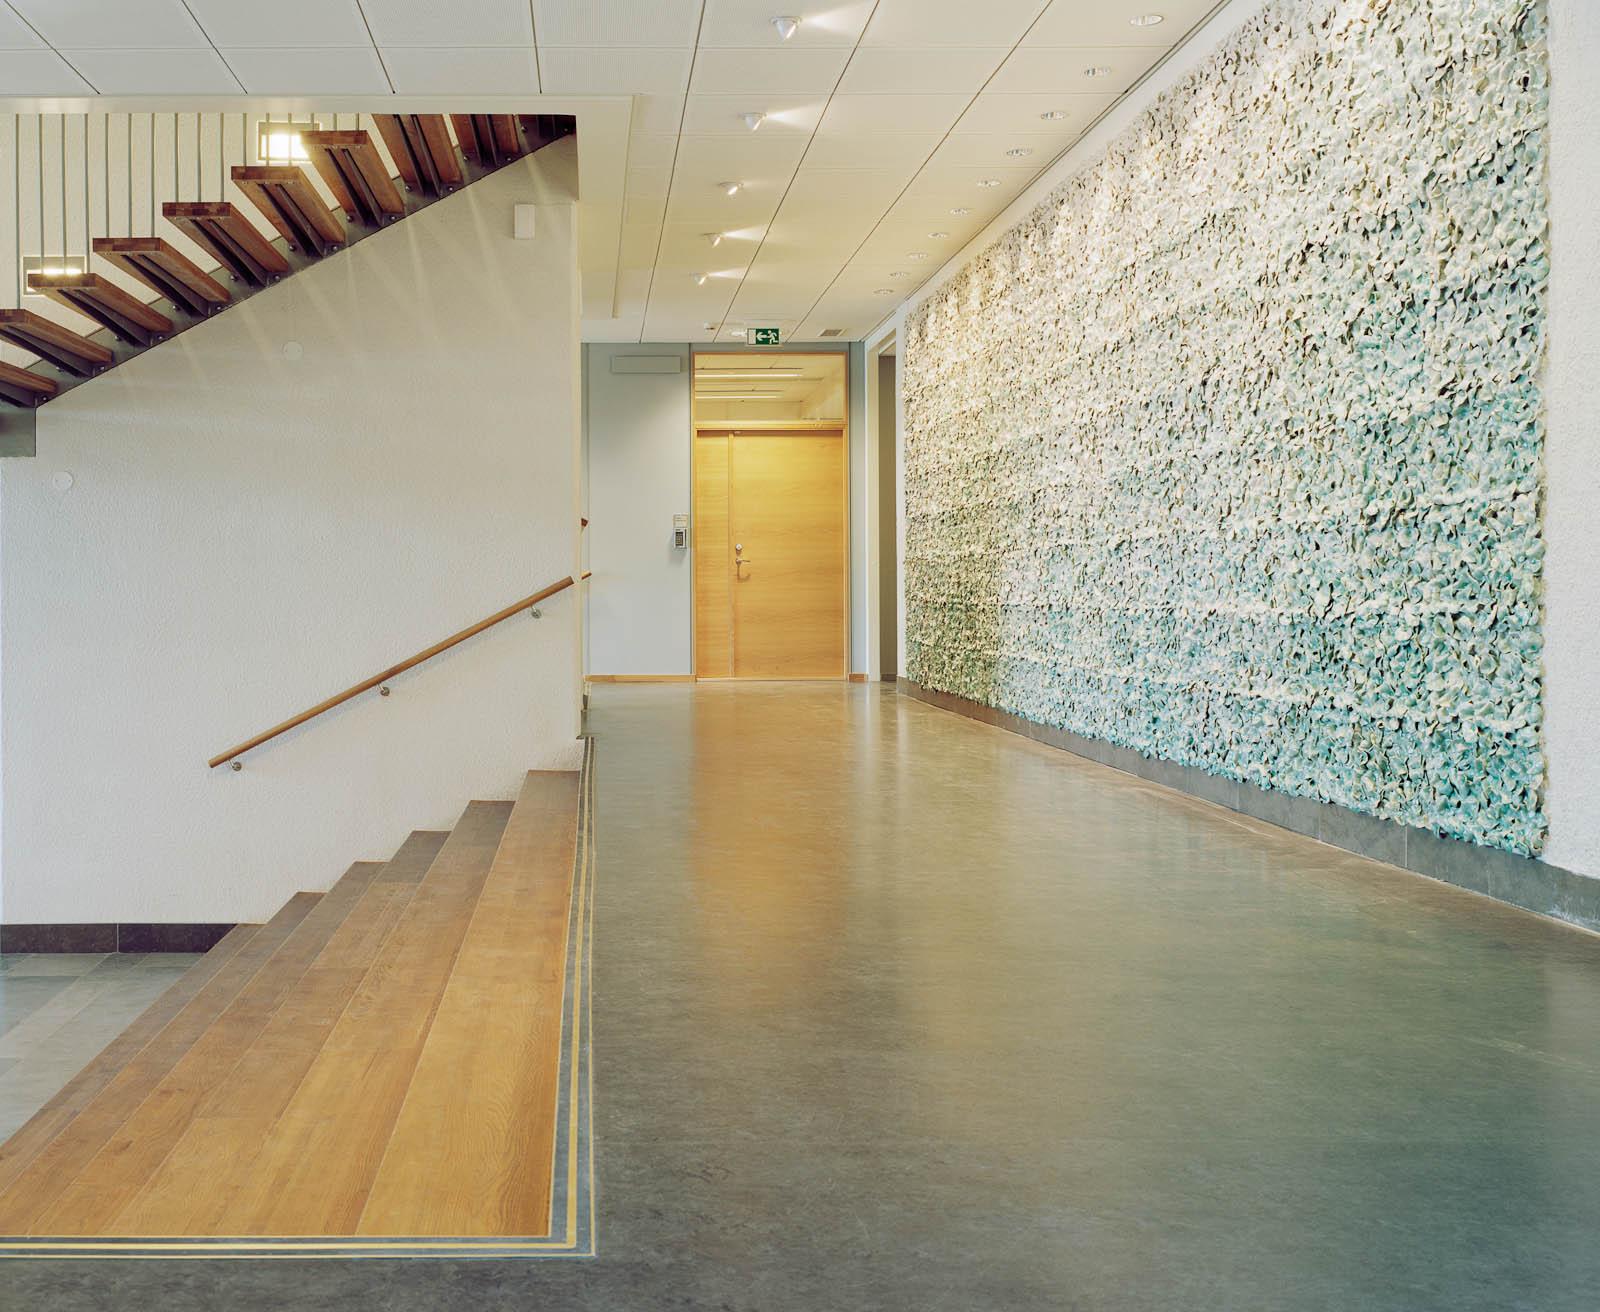 Vägg med keramikplattor, korridor. Renata Francescon, Fruset šögonblick.